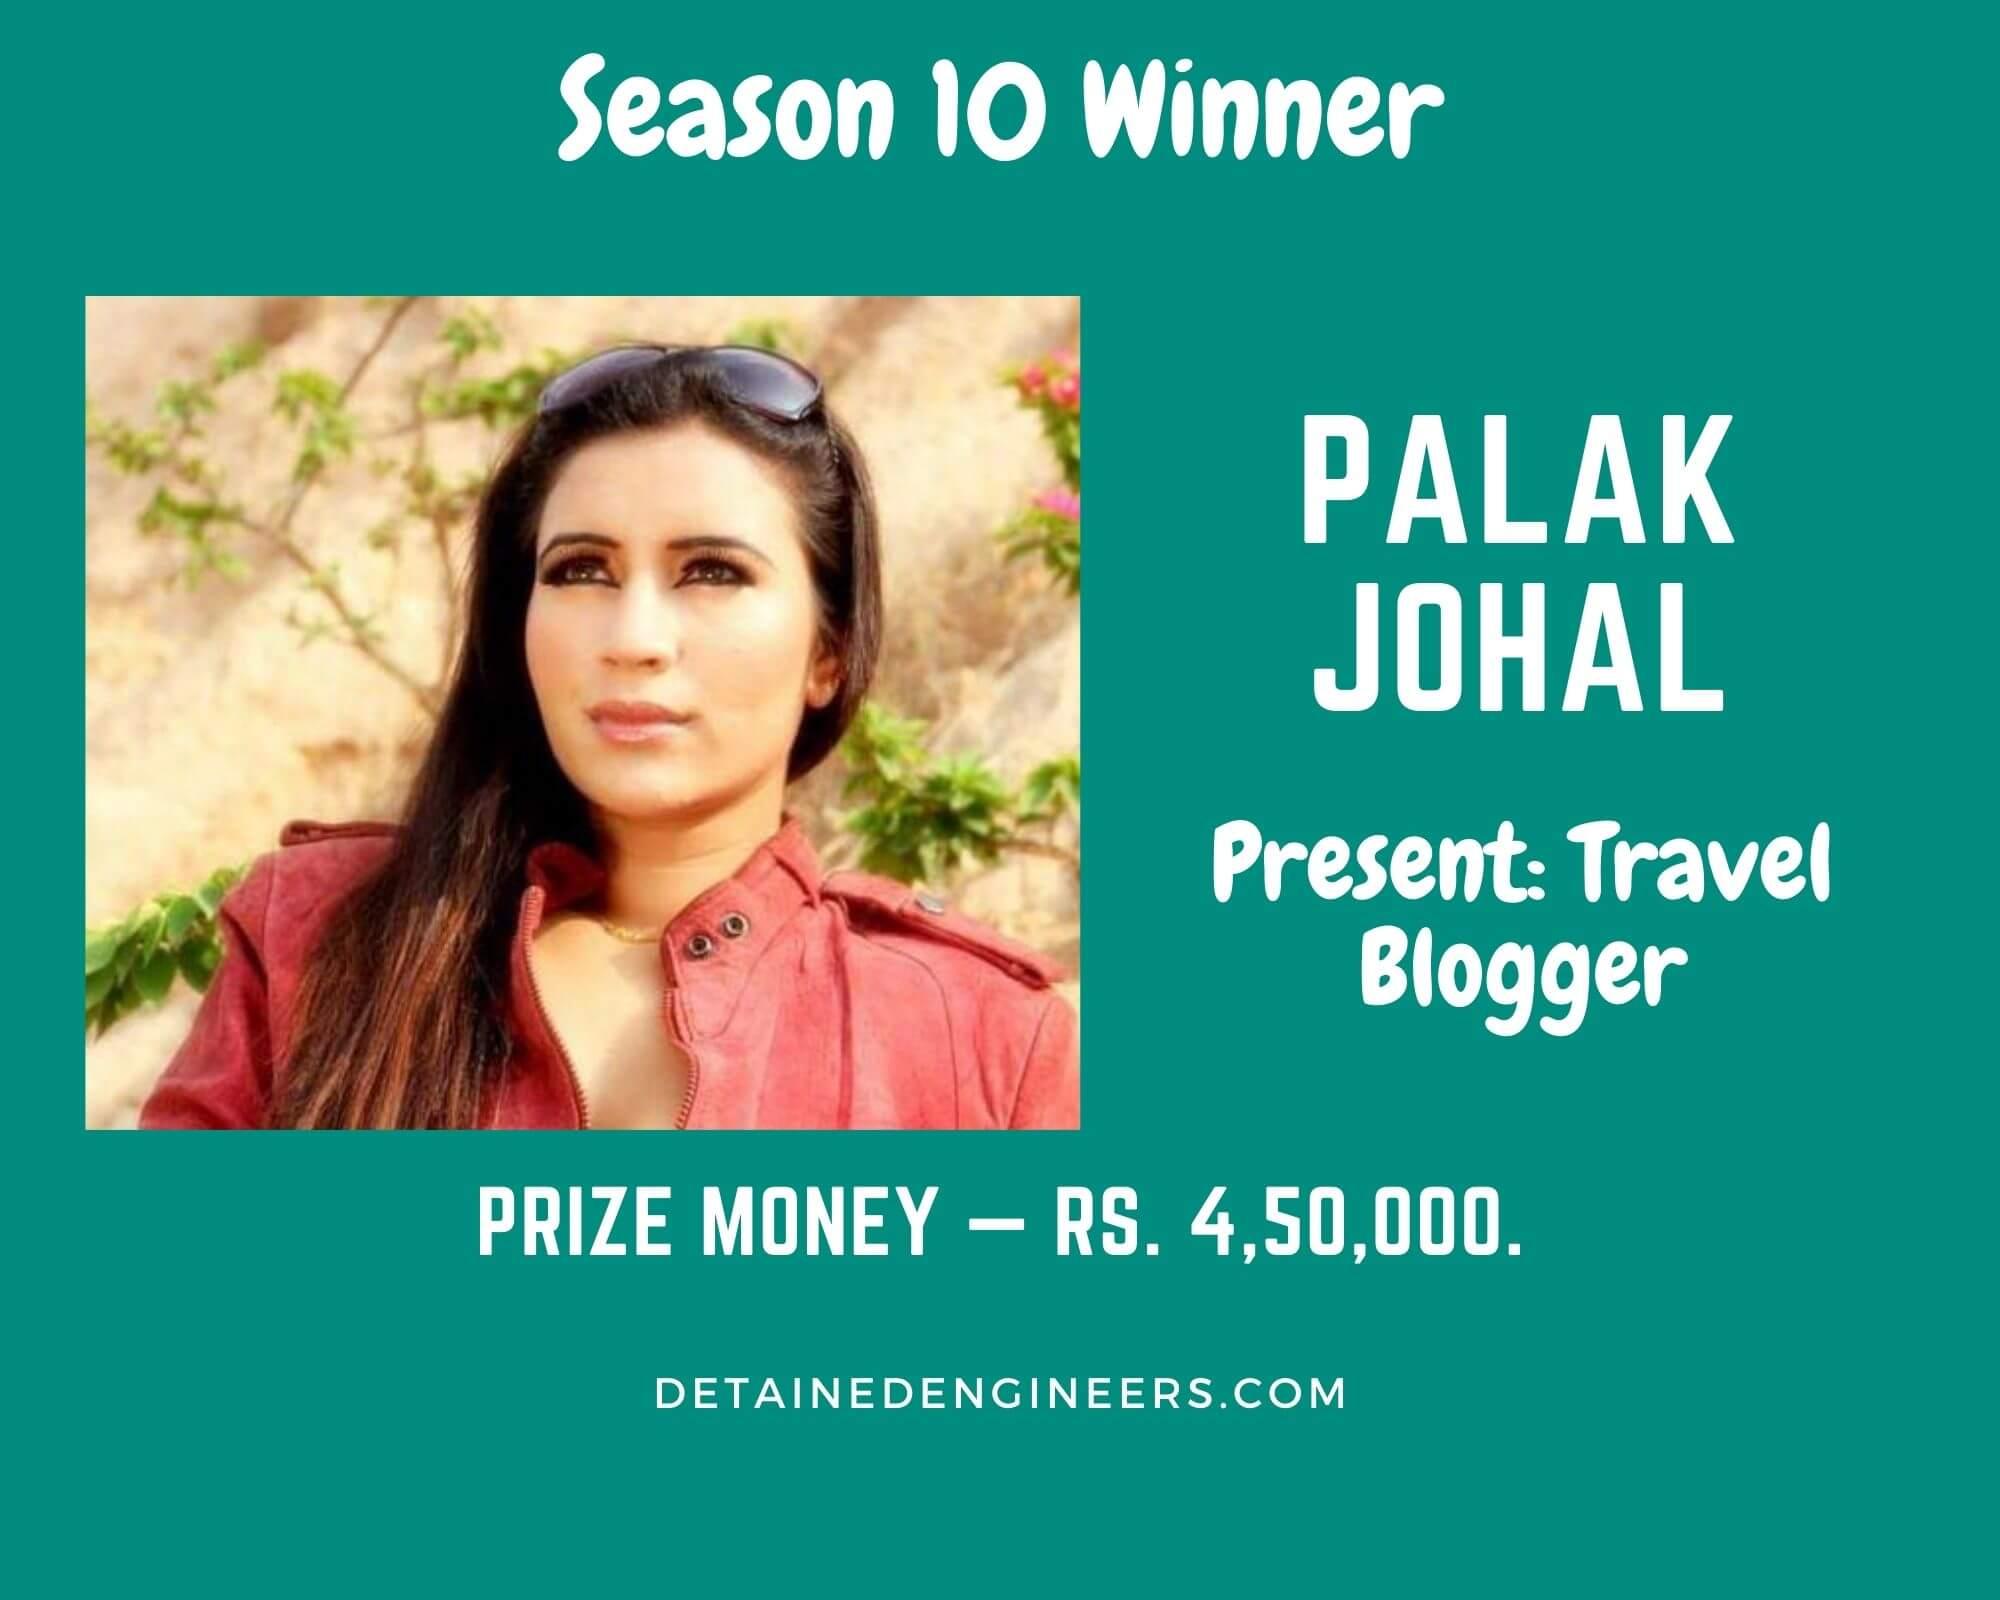 Palak Johal